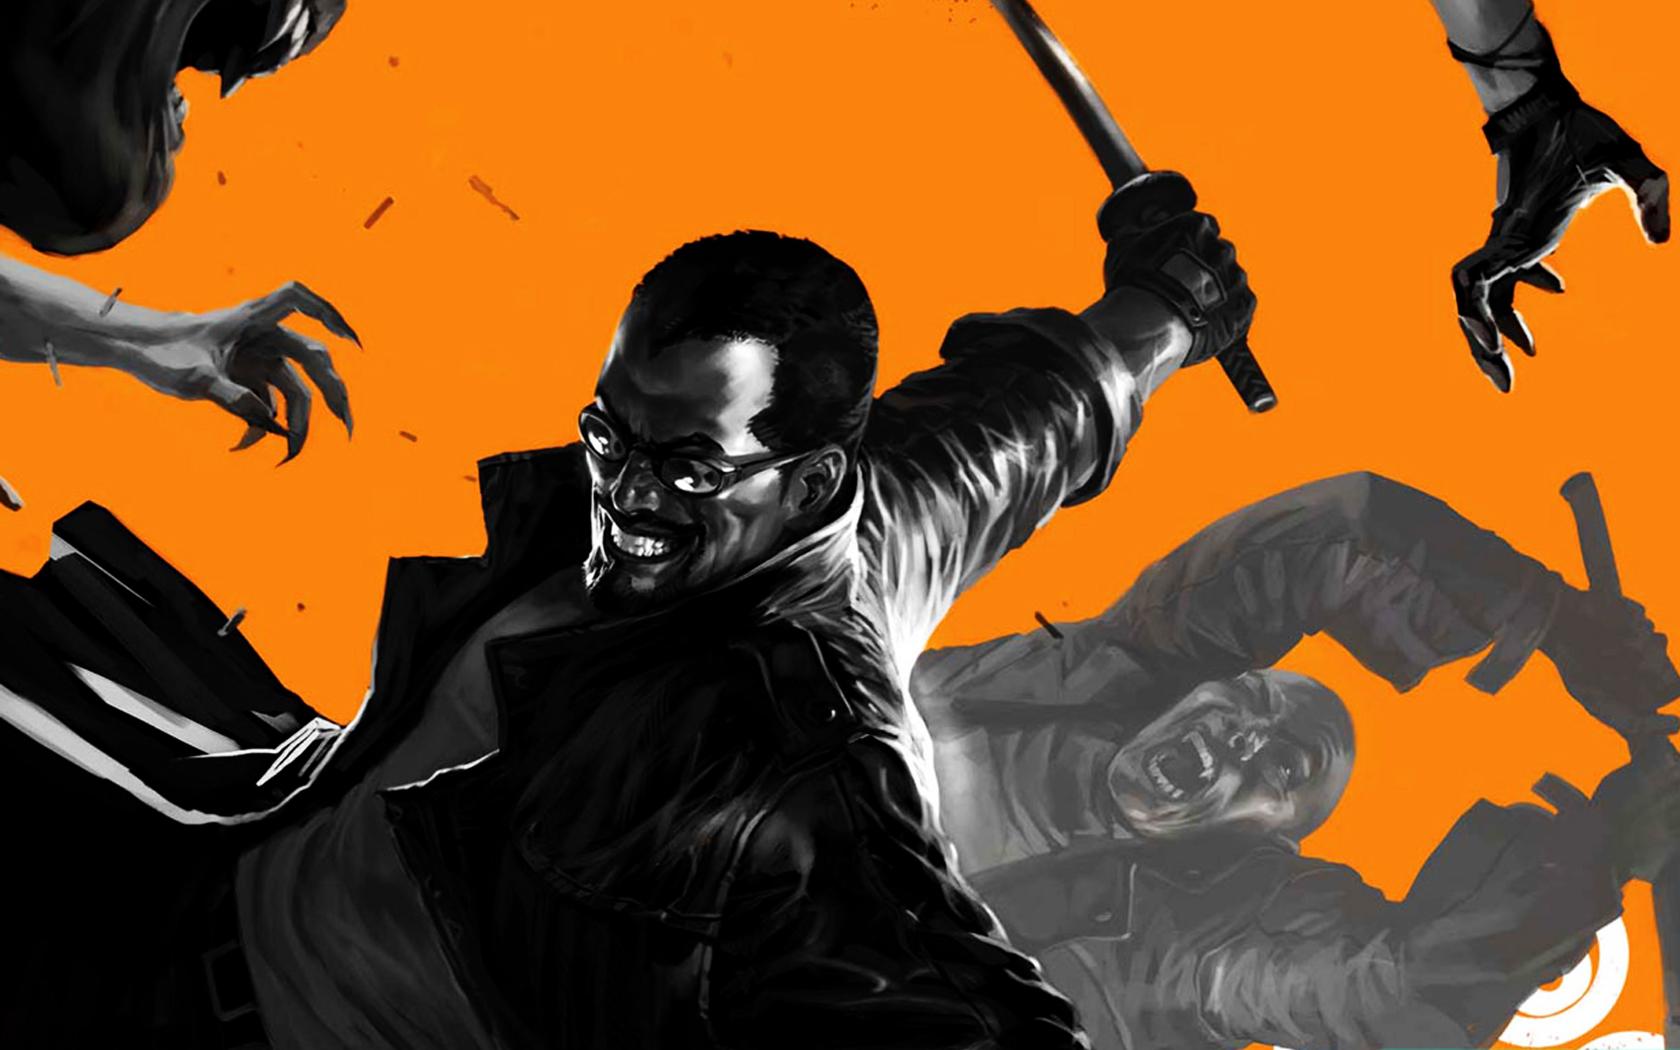 Blade Wallpaper by Spitfire666xXxXx 1680x1050